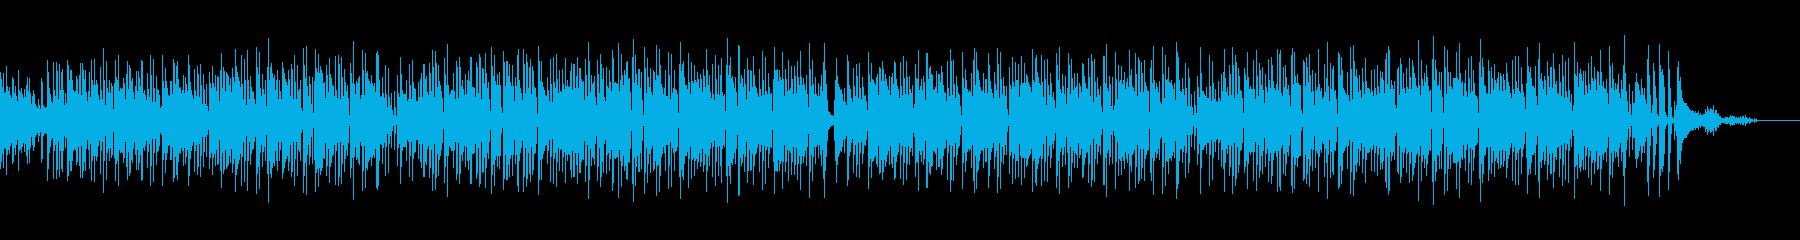 【メロなし】ギター生演奏の爽やかボサノバの再生済みの波形